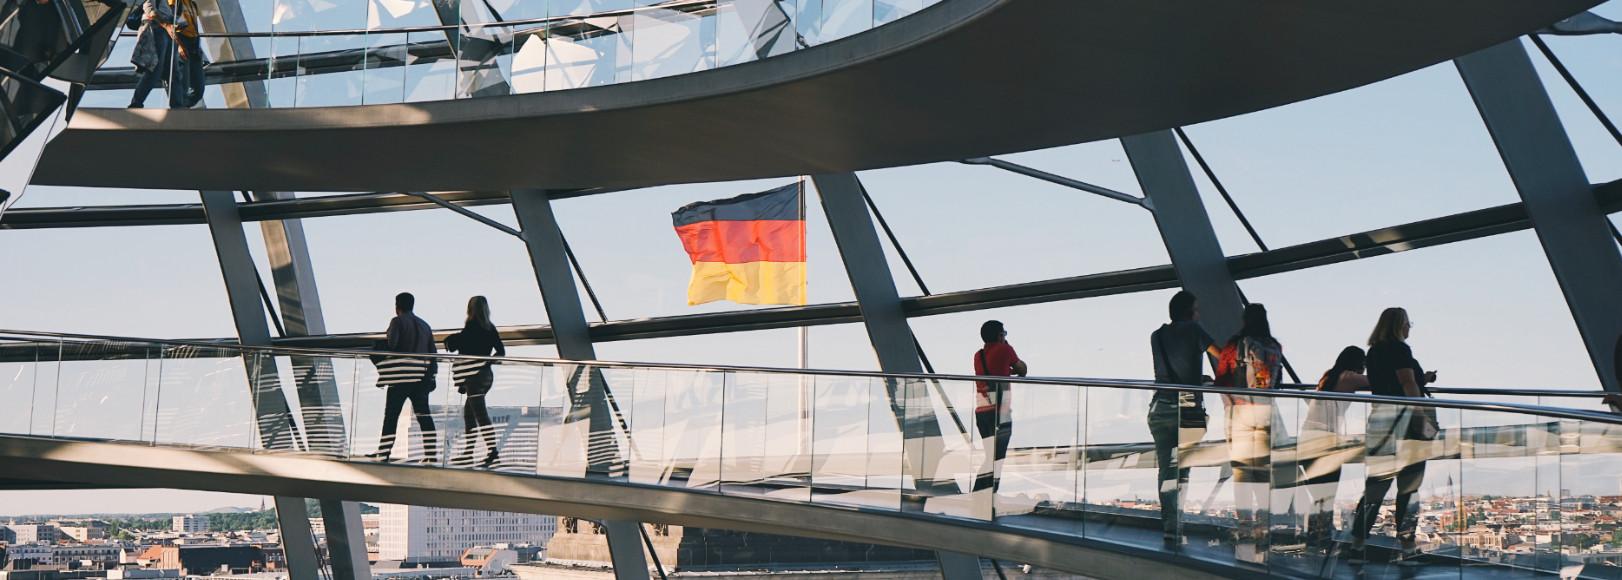 DAX: niemiecka giełda na historycznych szczytach.